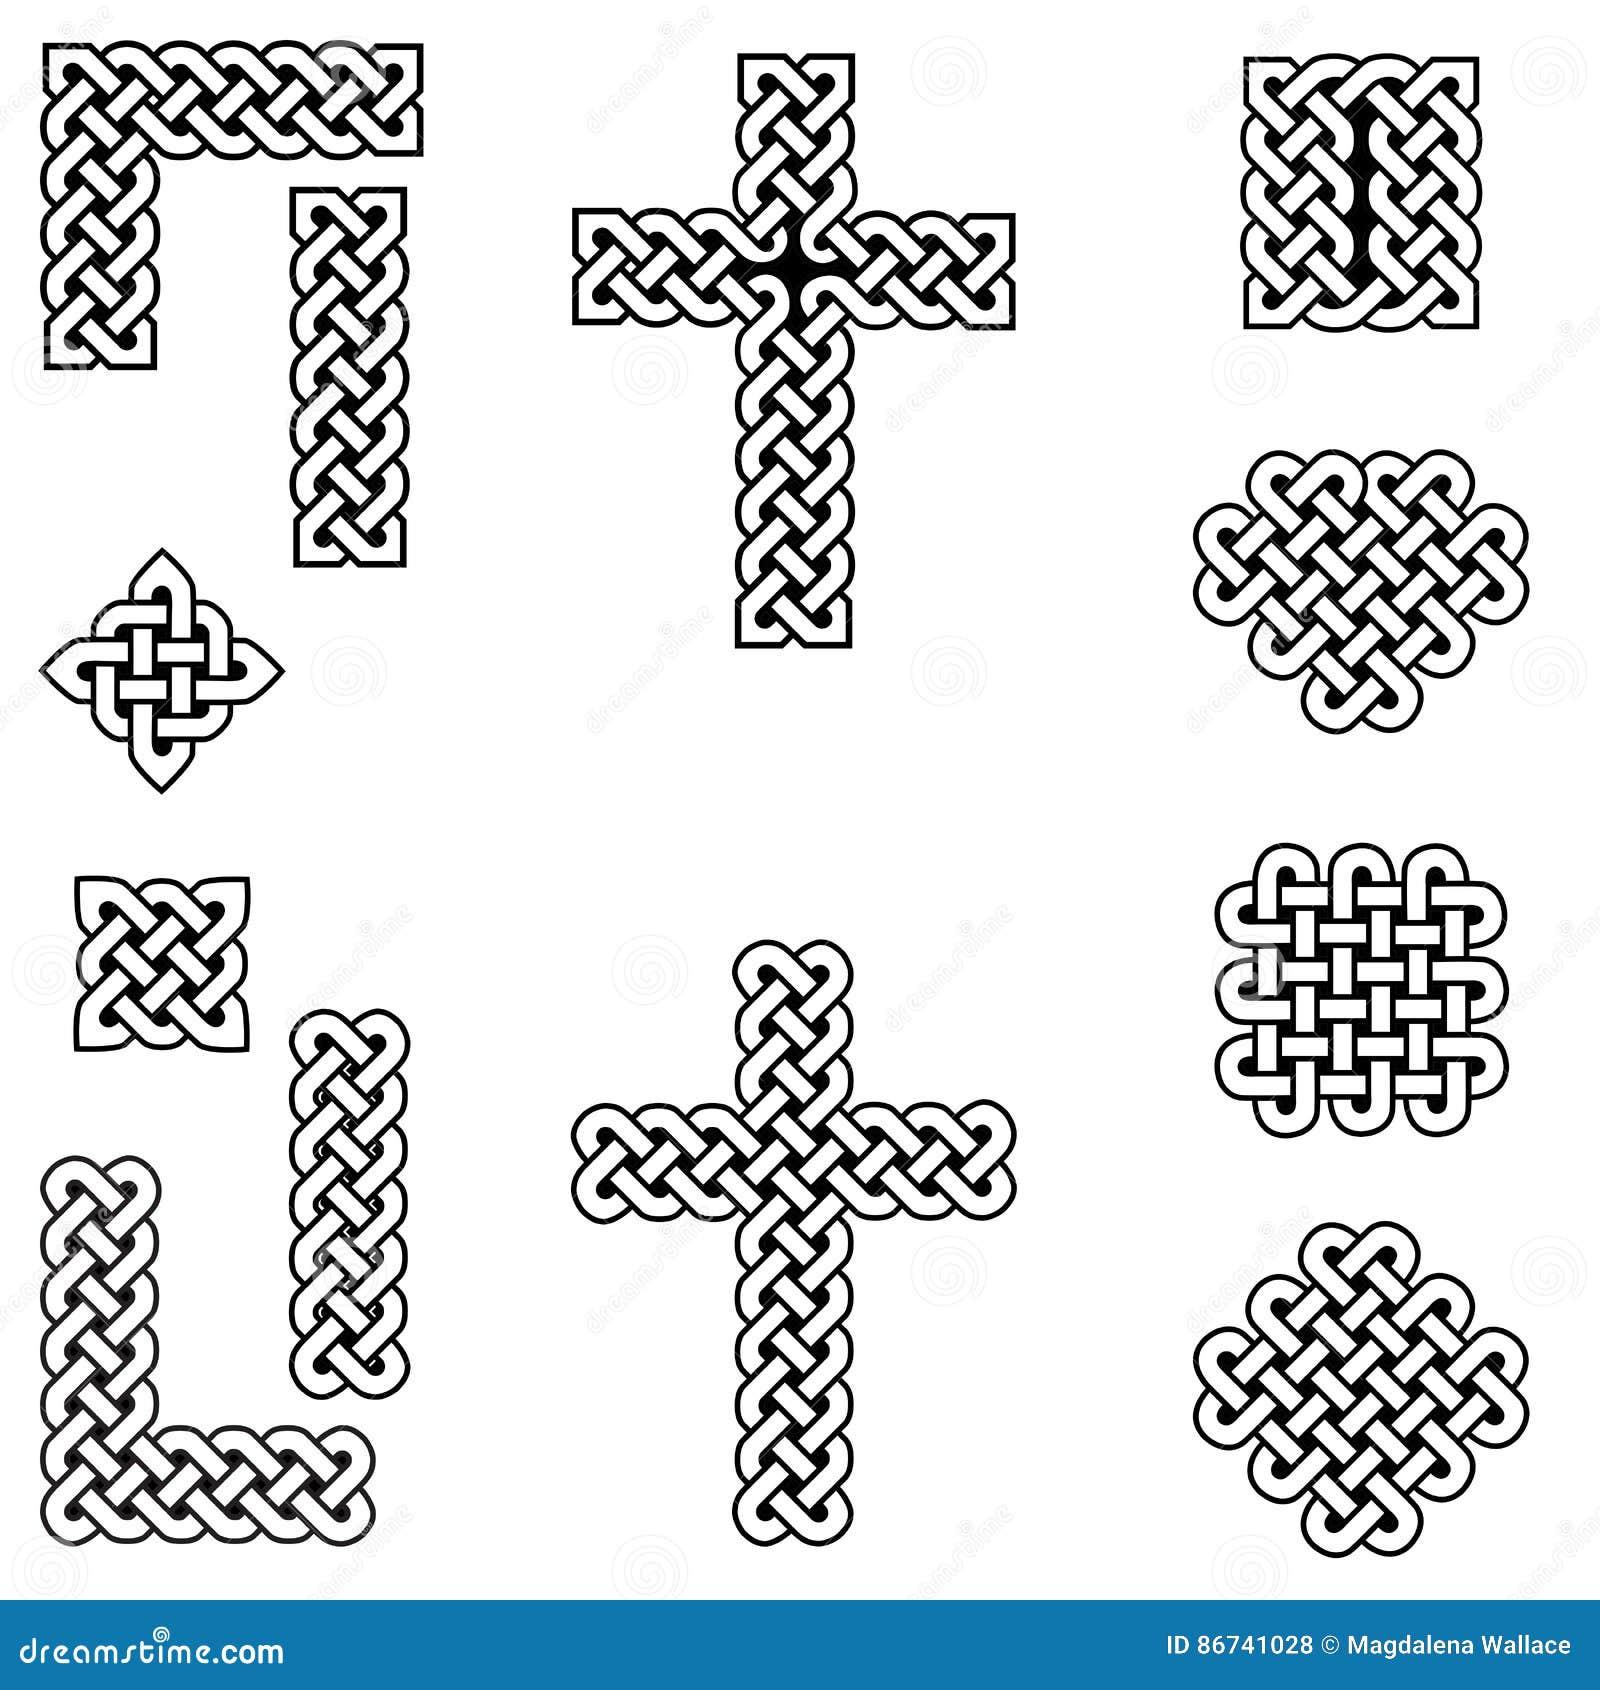 Eindeloze knoopsymbolen in Keltische stijl met inbegrip van grens, lijn, hart, dwars, curvy vierkanten in wit, met het zwarte vul